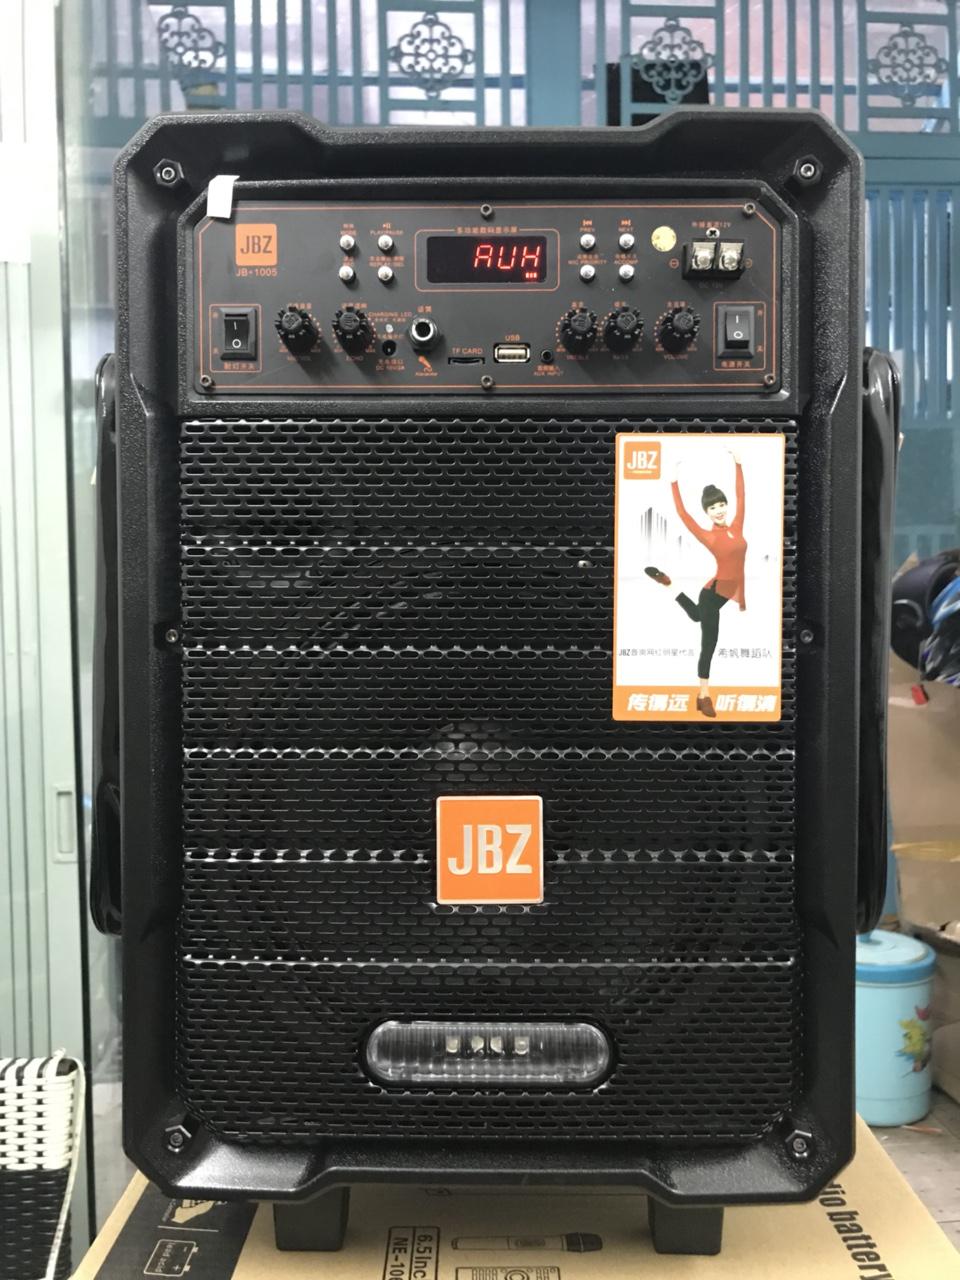 2660k - Loa bluetooth karaoke kẹo kéo JBZ NE1005 vỏ gỗ tặng 2 mic chống nhiễu giá sỉ và lẻ rẻ nhất